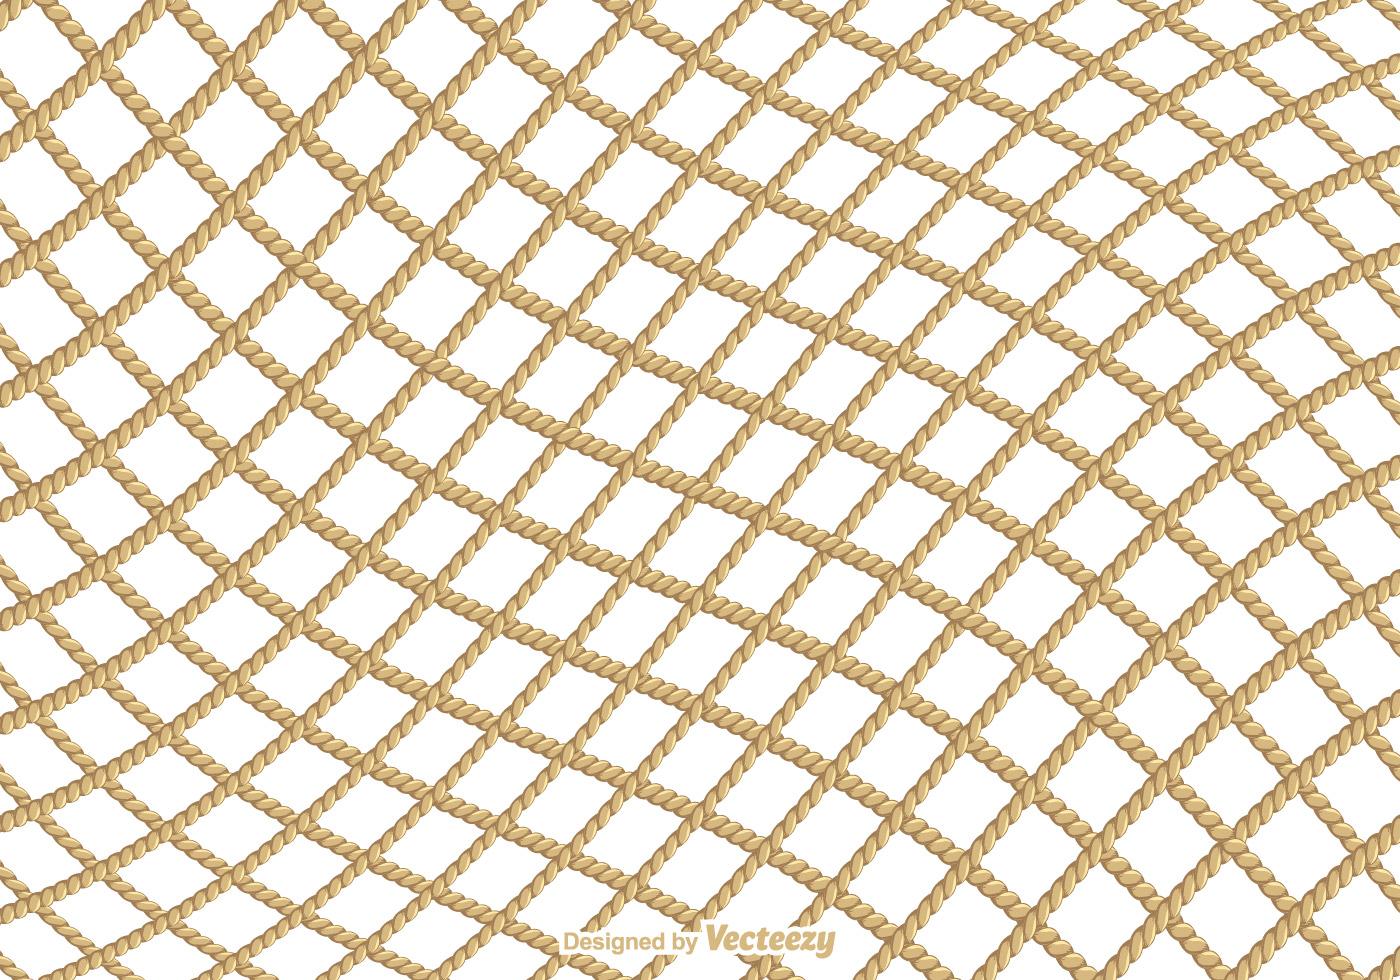 Textura libre del vector de la red de la pesca - Descargue Gráficos ...